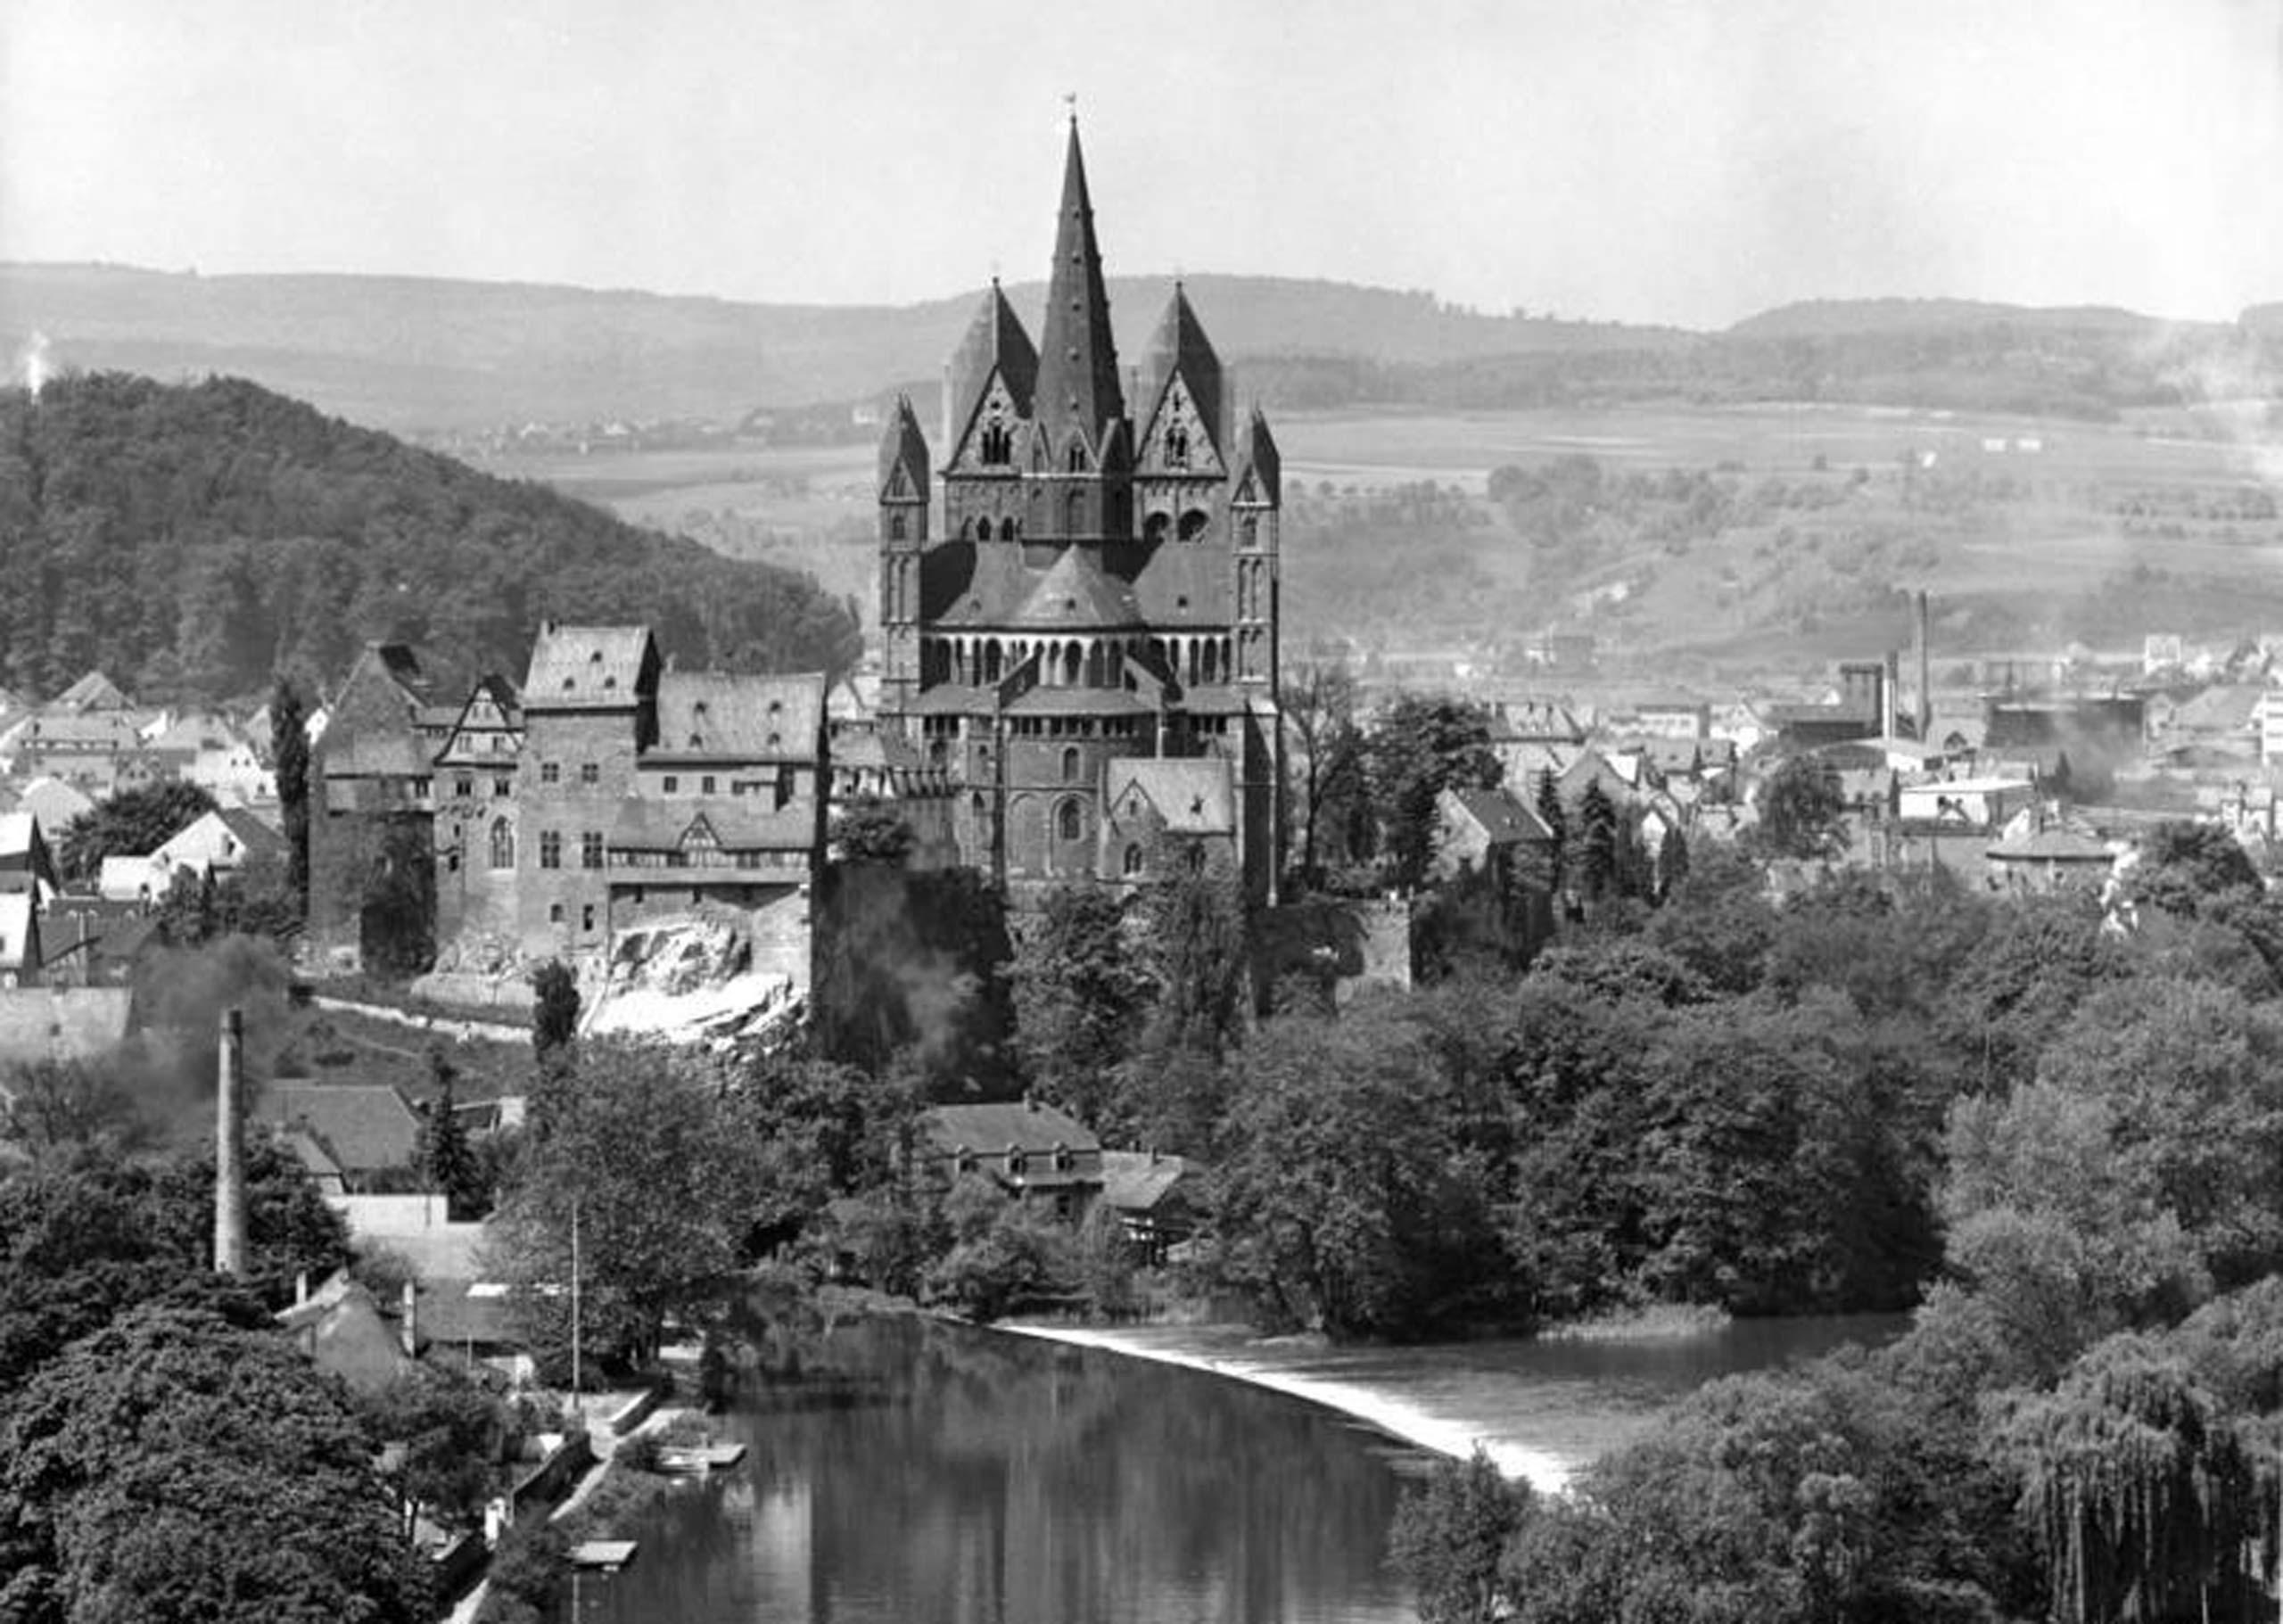 Im Mai 1961 wiederrum sah der Schlossgarten Limburg kahl aus. Es scheint, als sei er zu jener Zeit schon einmal gerodet worden. Foto: Egon Steiner, Bundesarchiv